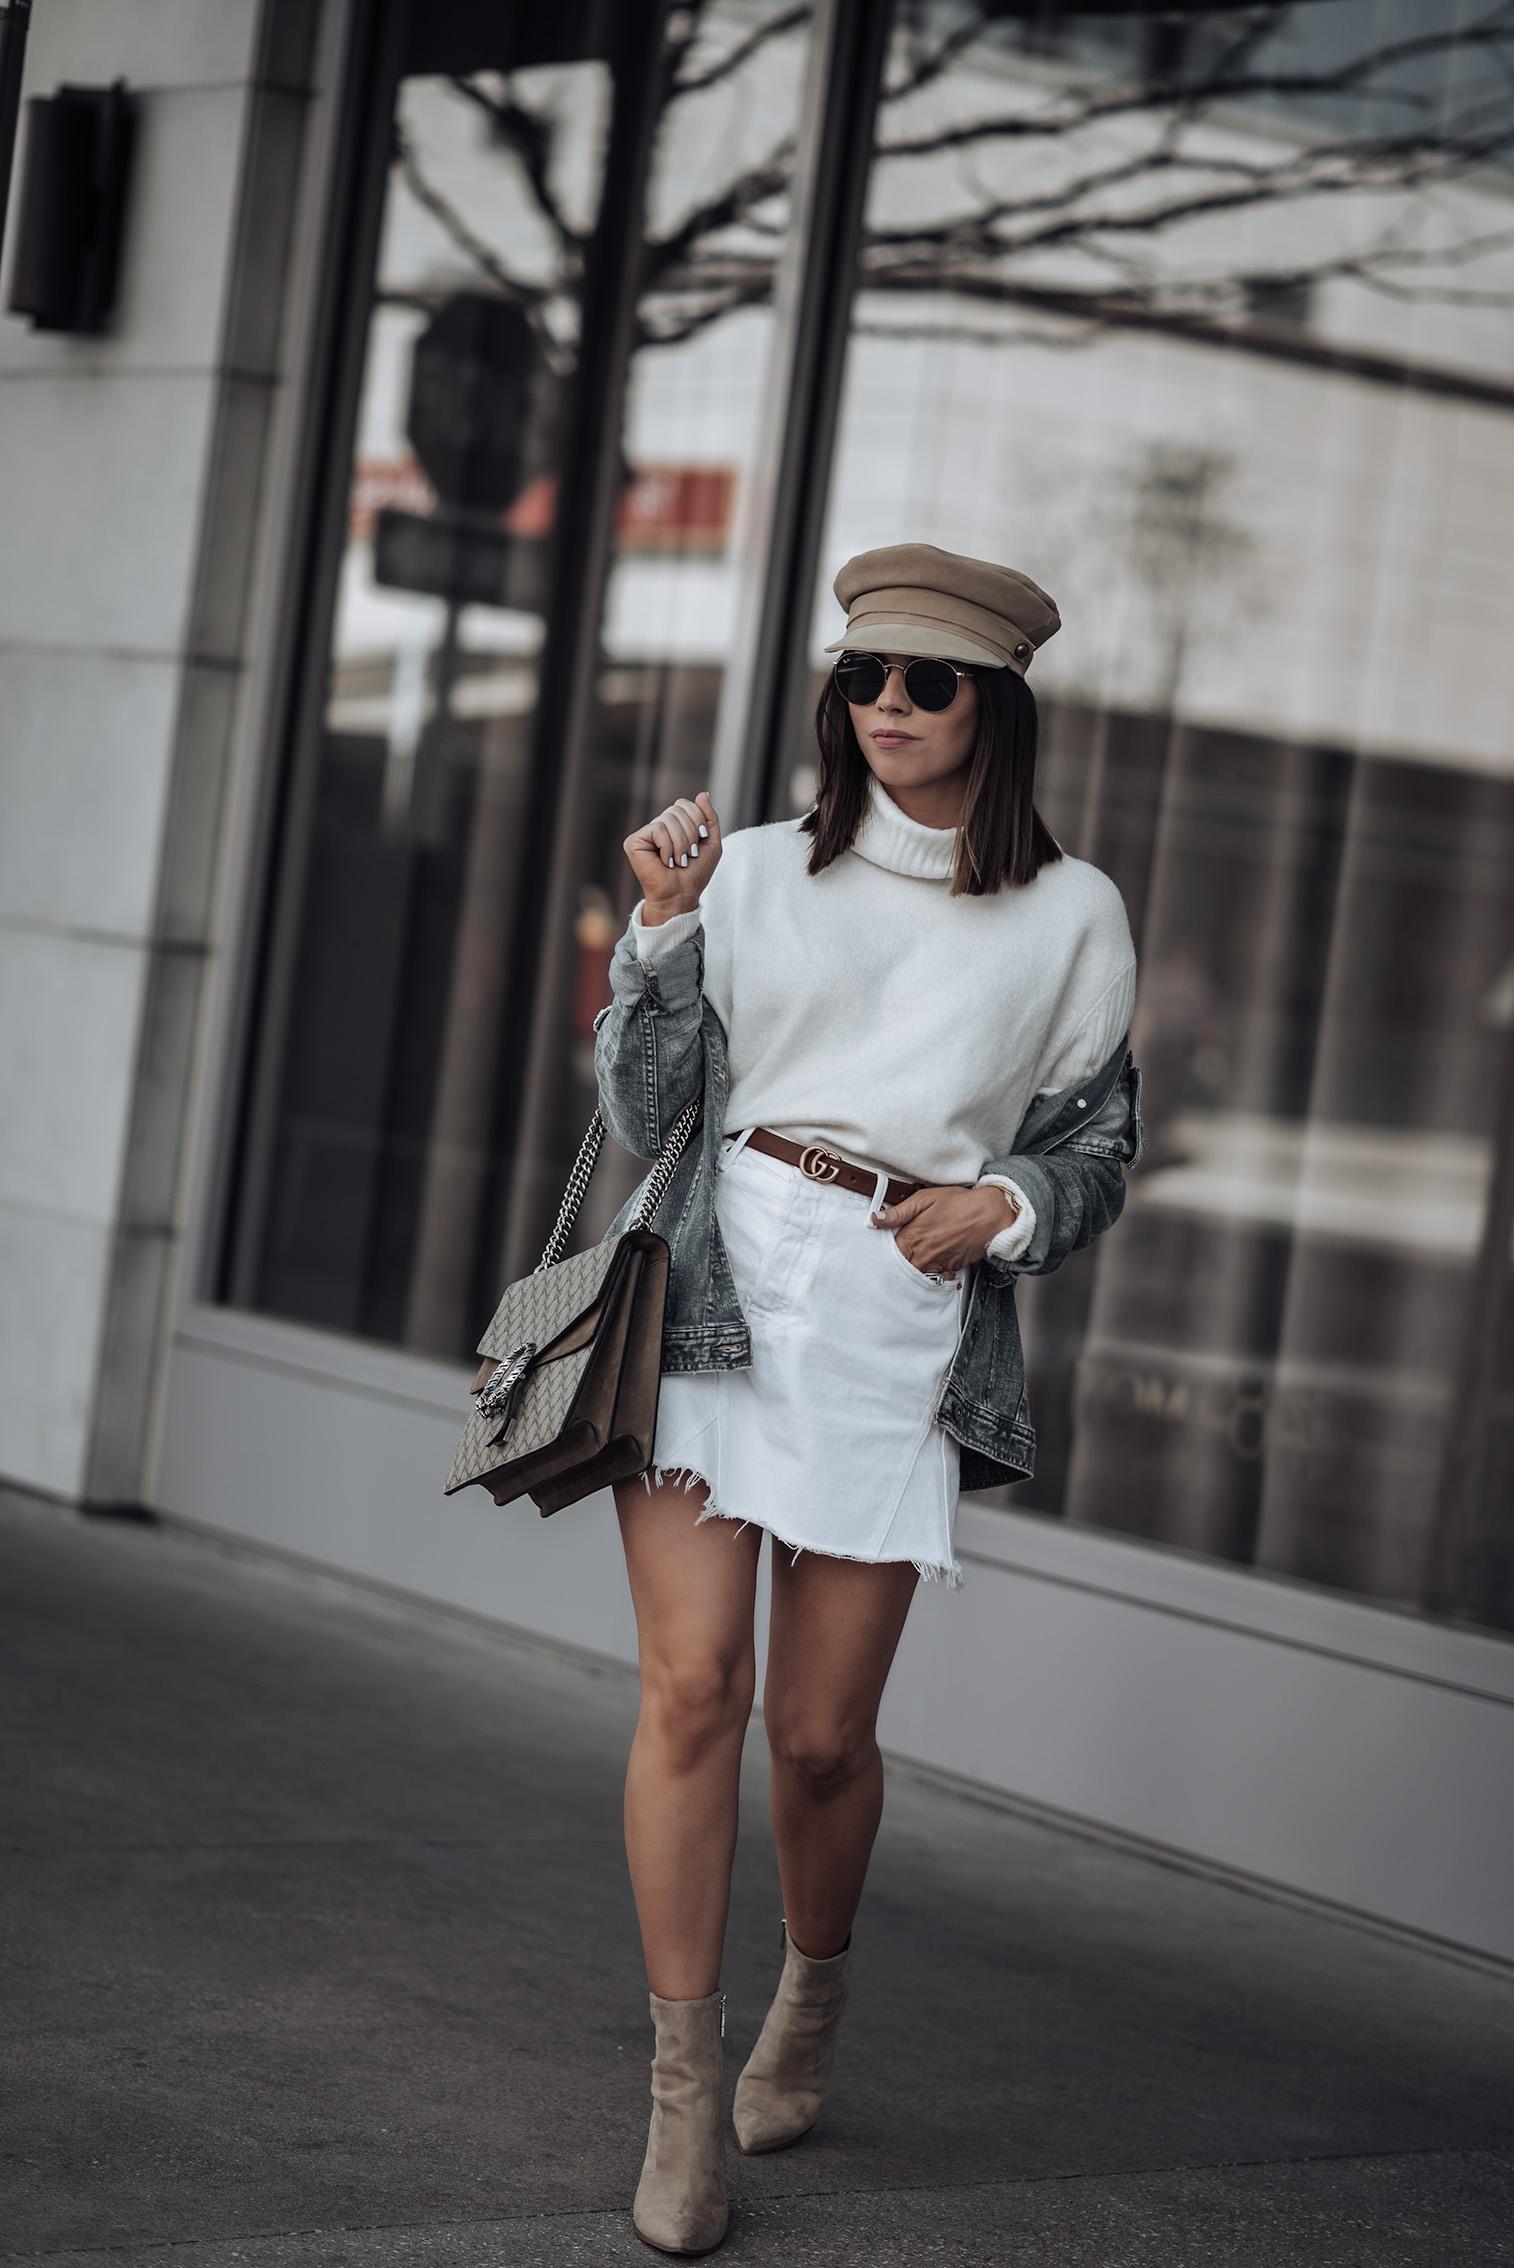 Oversized denim jacket | Tiffany Jais fashion and lifestyle blogger of Flaunt and Center | Houston fashion blogger | Straw handbag Trend | Streetstyle blog #streetstyle